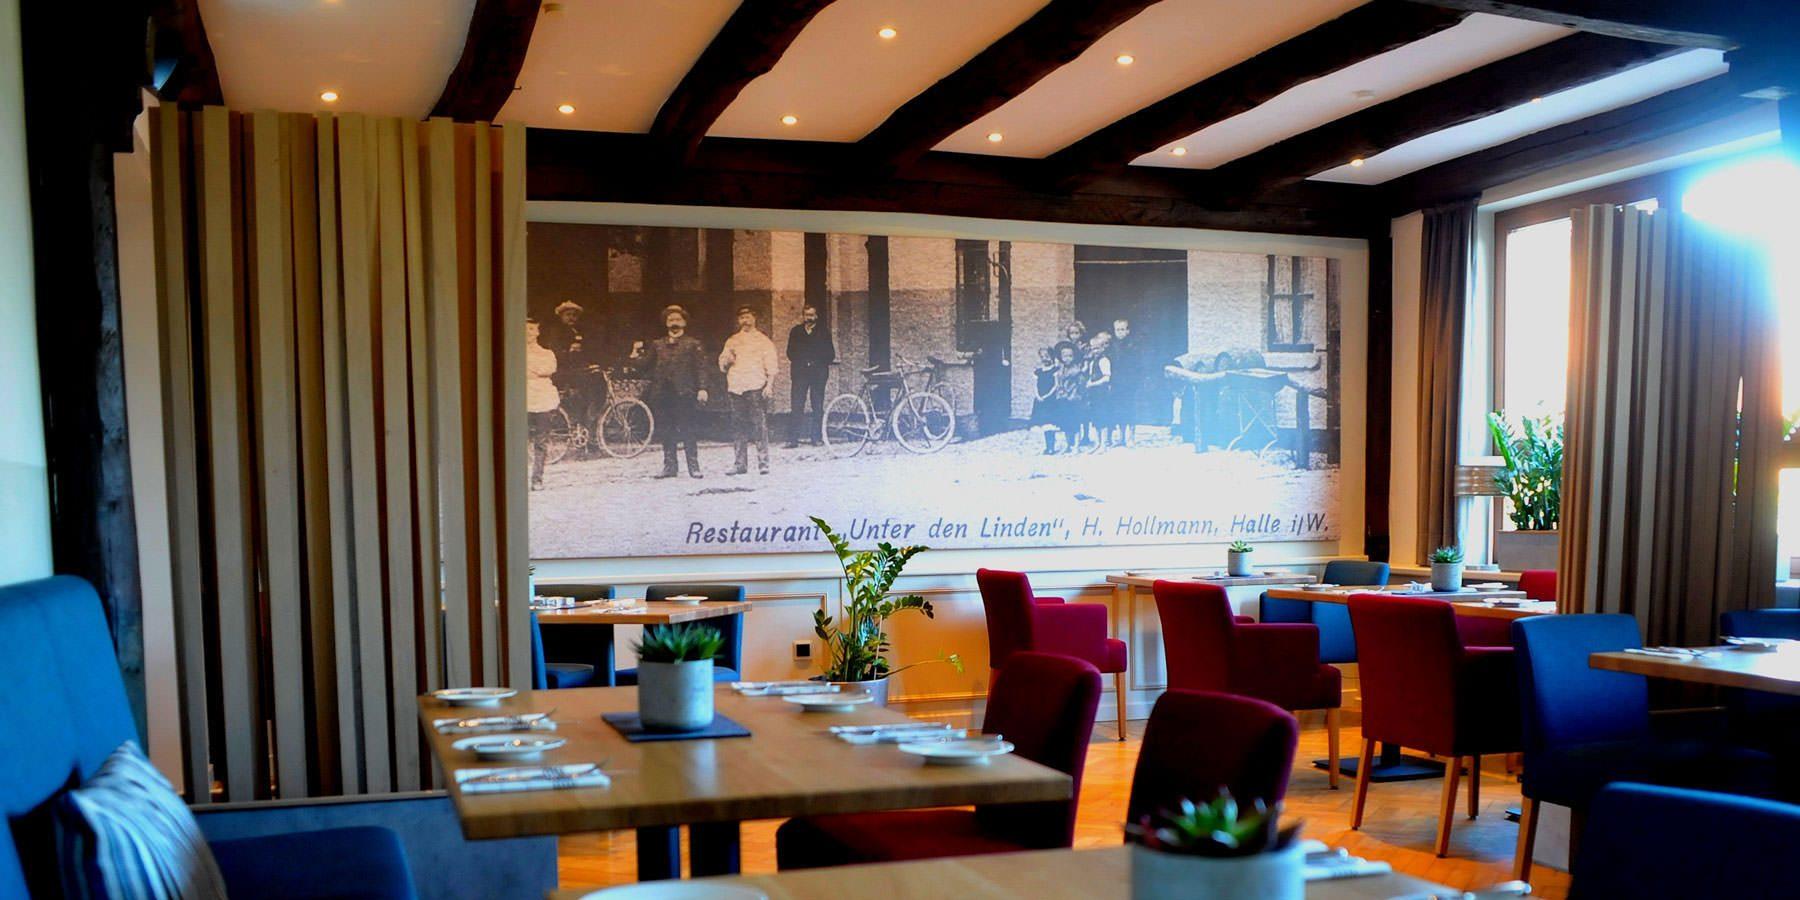 Restaurant und Hotel Hollmann in Halle Westf., Blick ins Restaurant